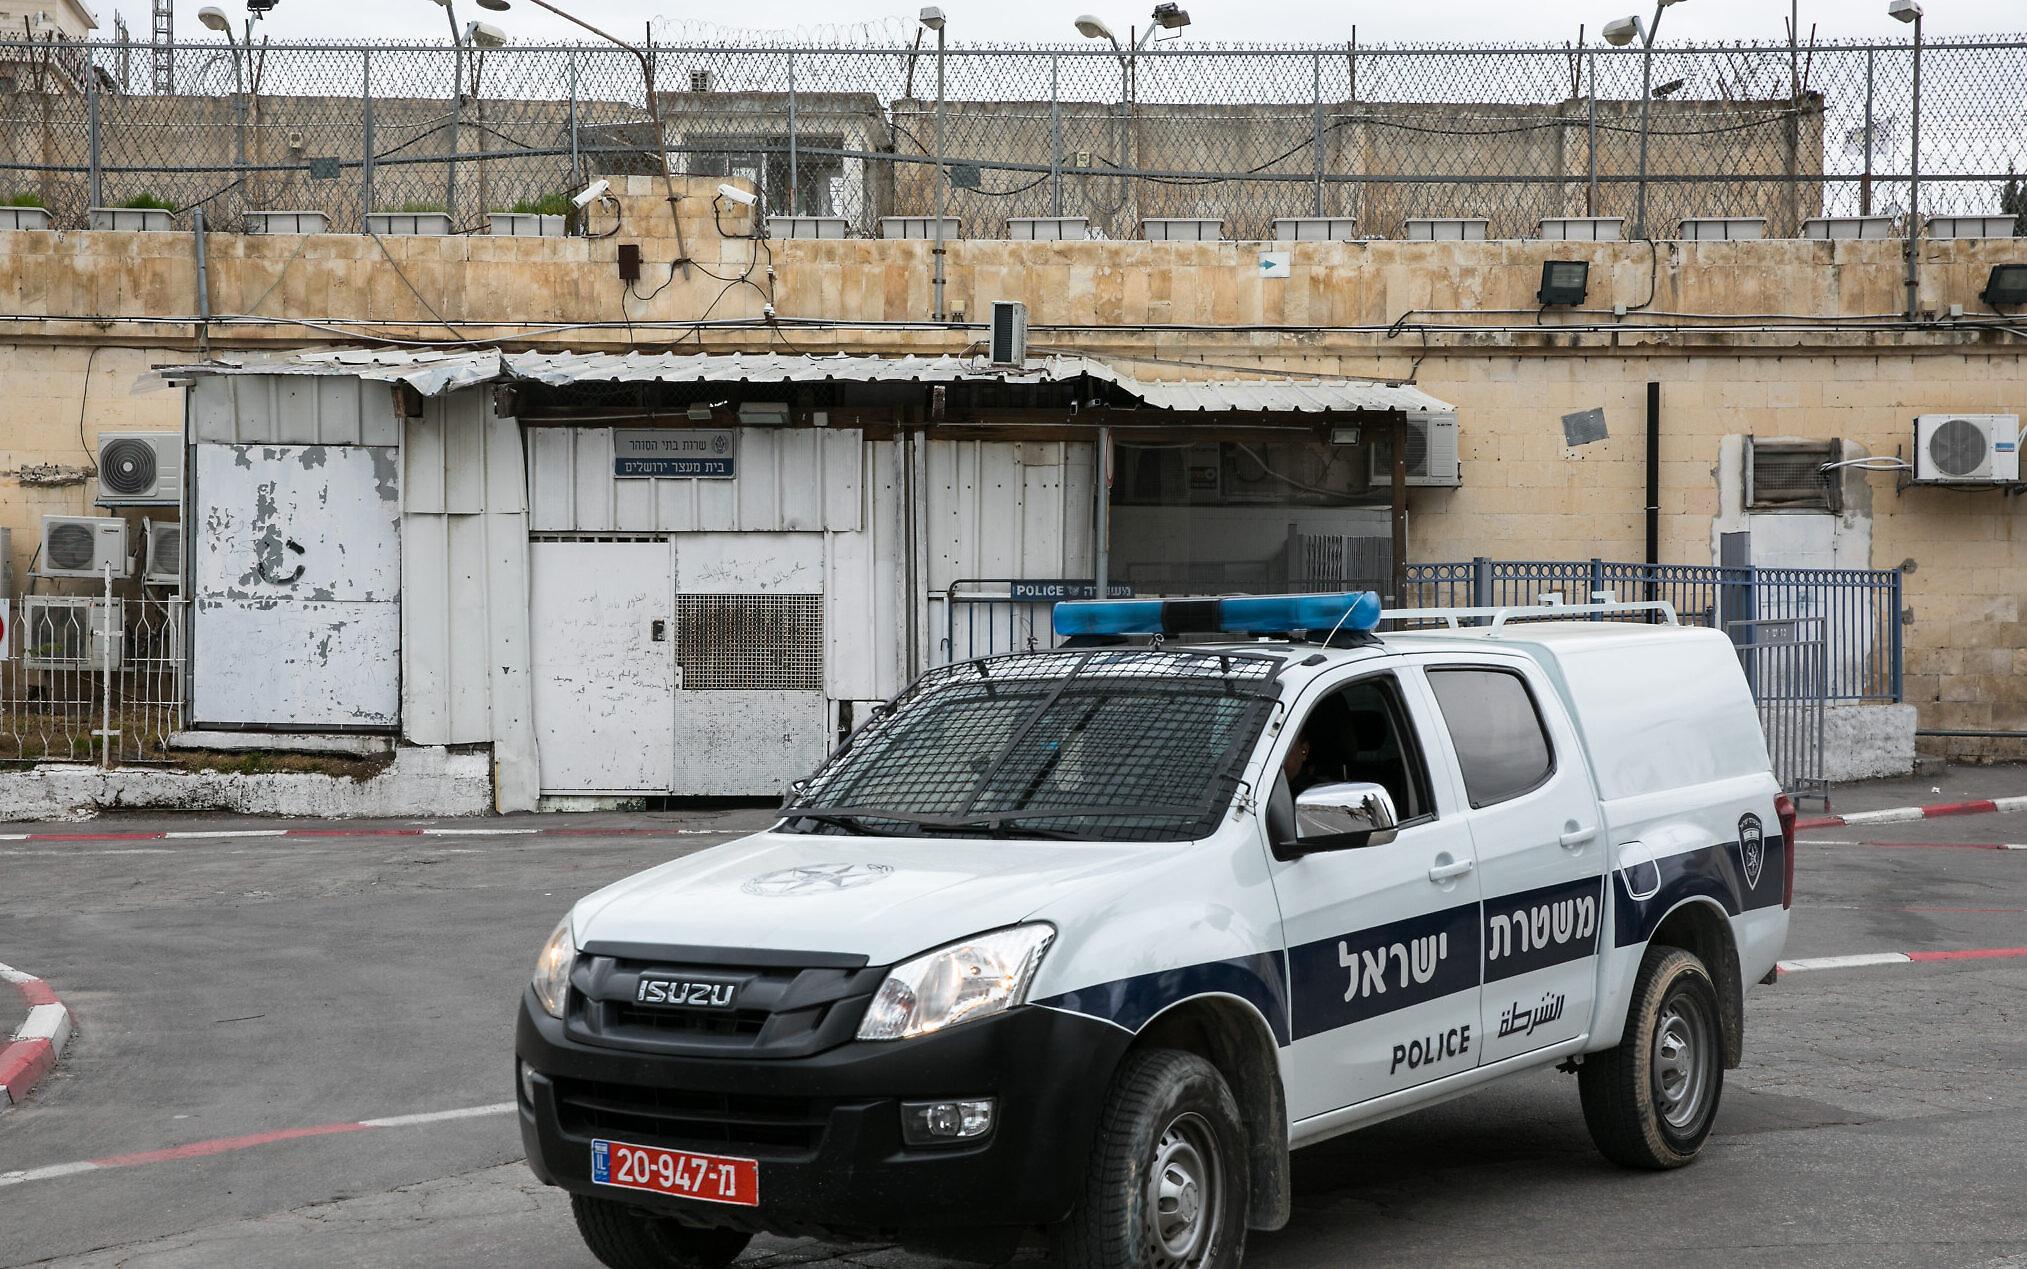 Prison visits suspended until further notice